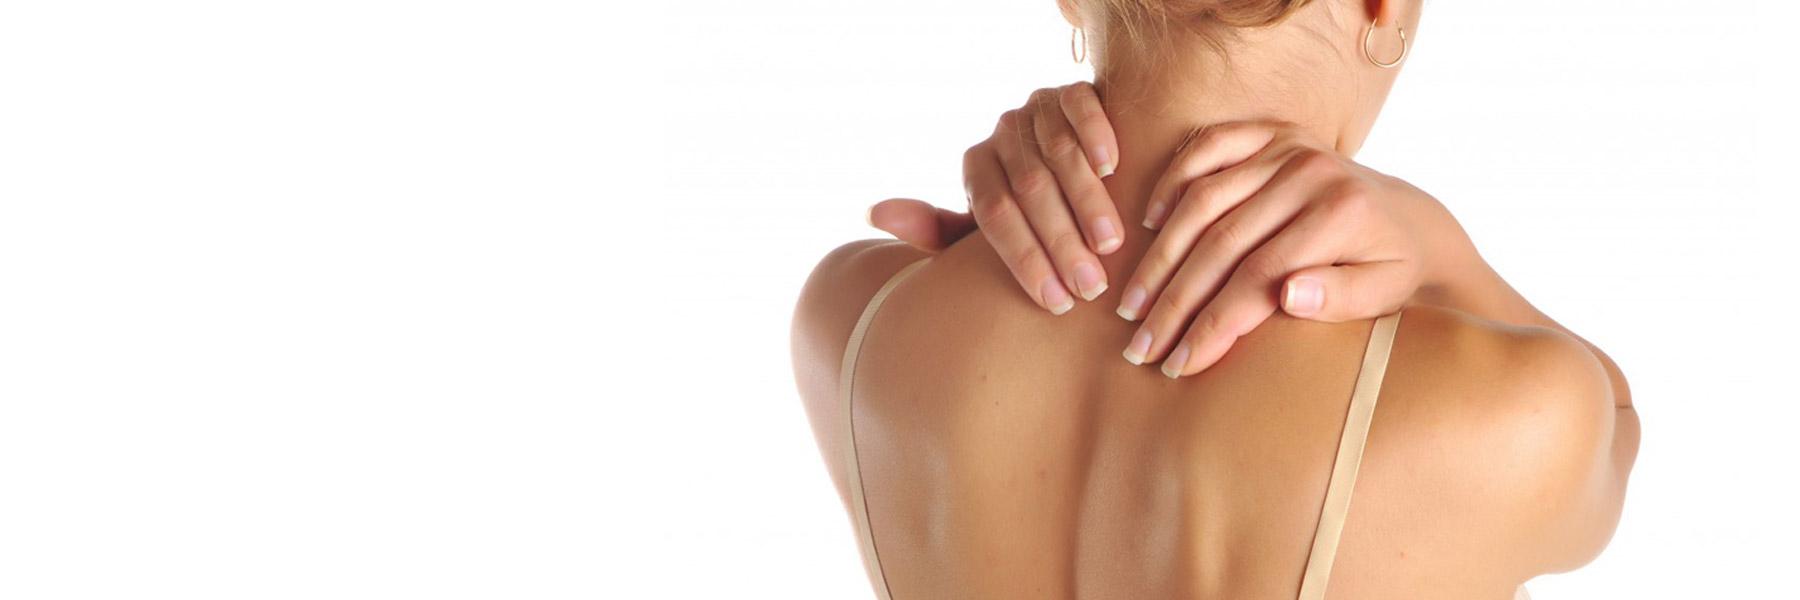 Apparition d'une gène et d'une douleur localisées au niveau du cou